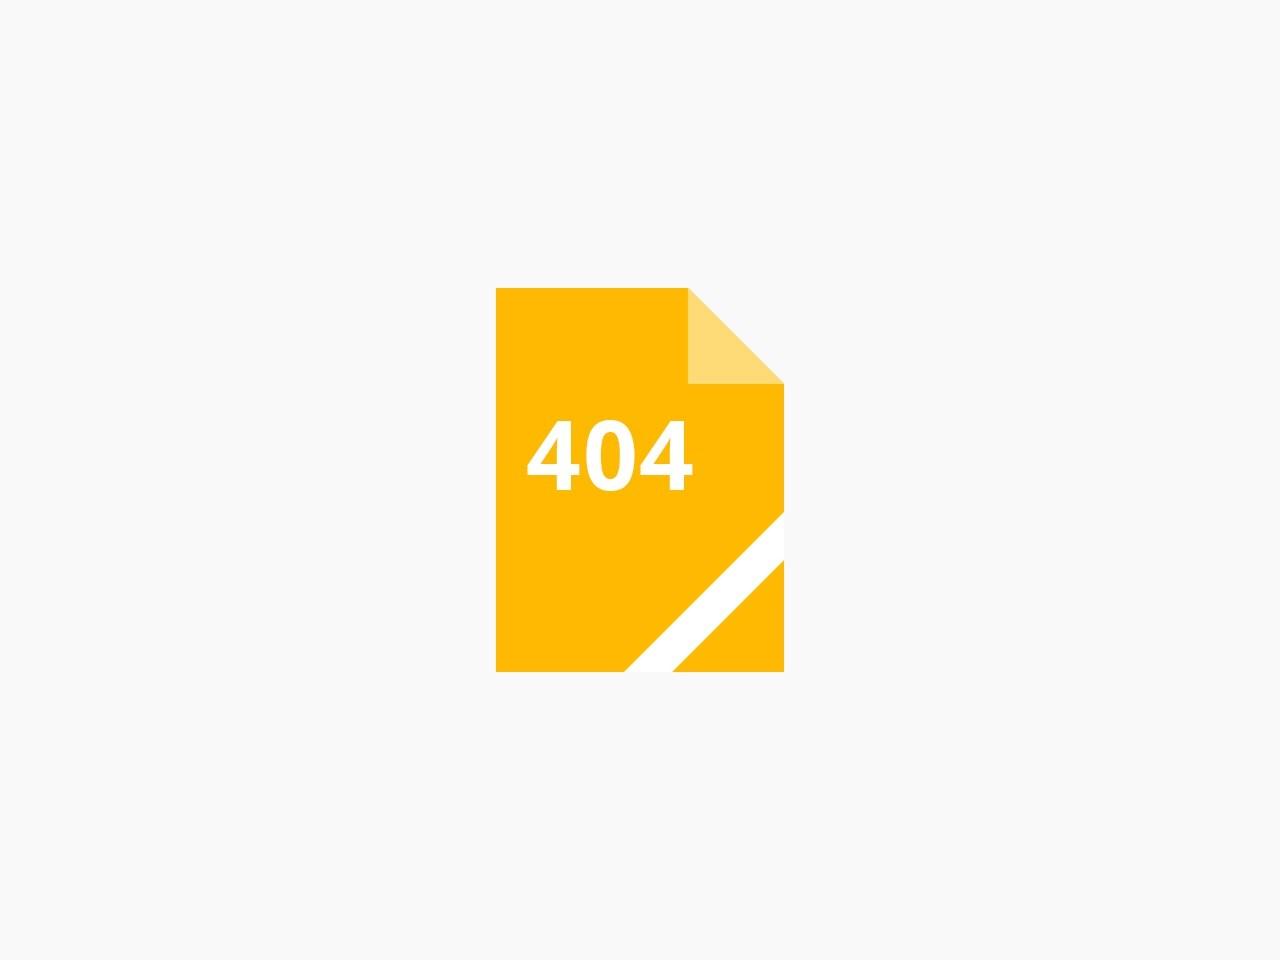 易车-汽车资讯和导购服务平台